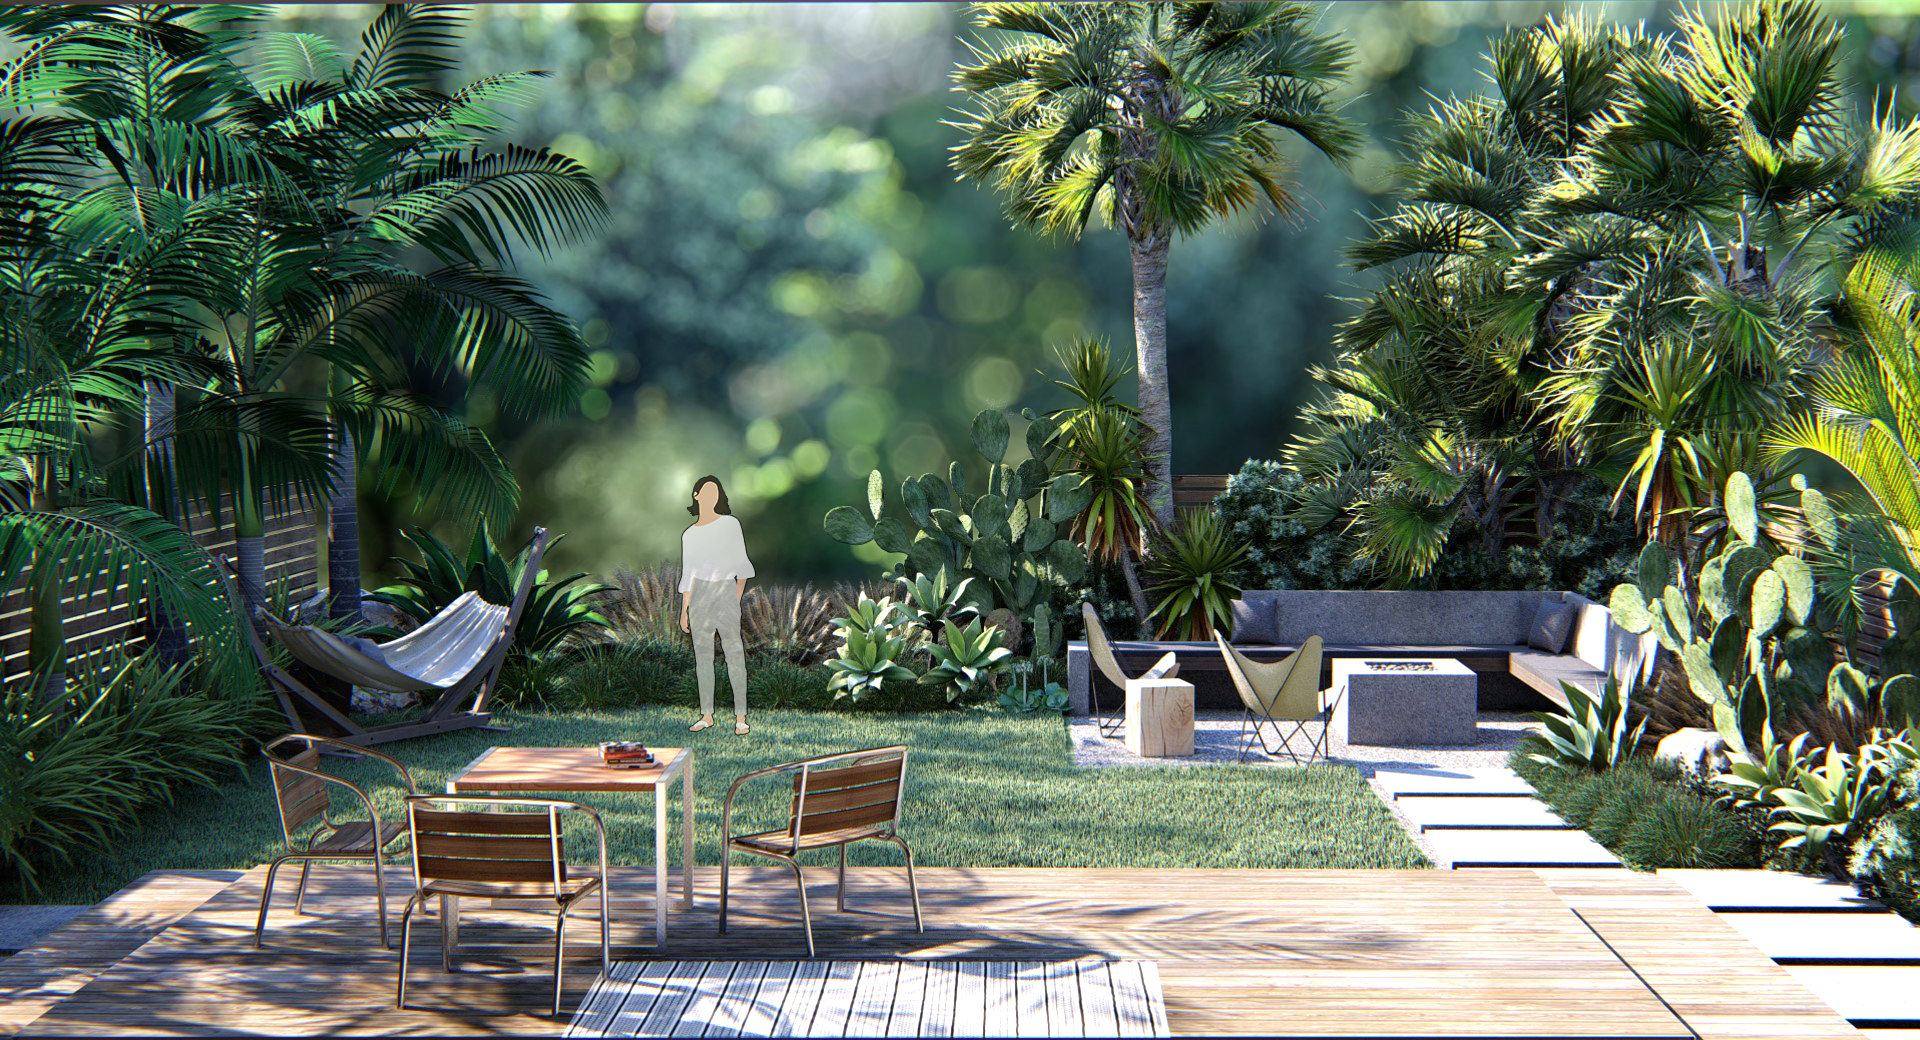 Bakyard Lush Garden Design